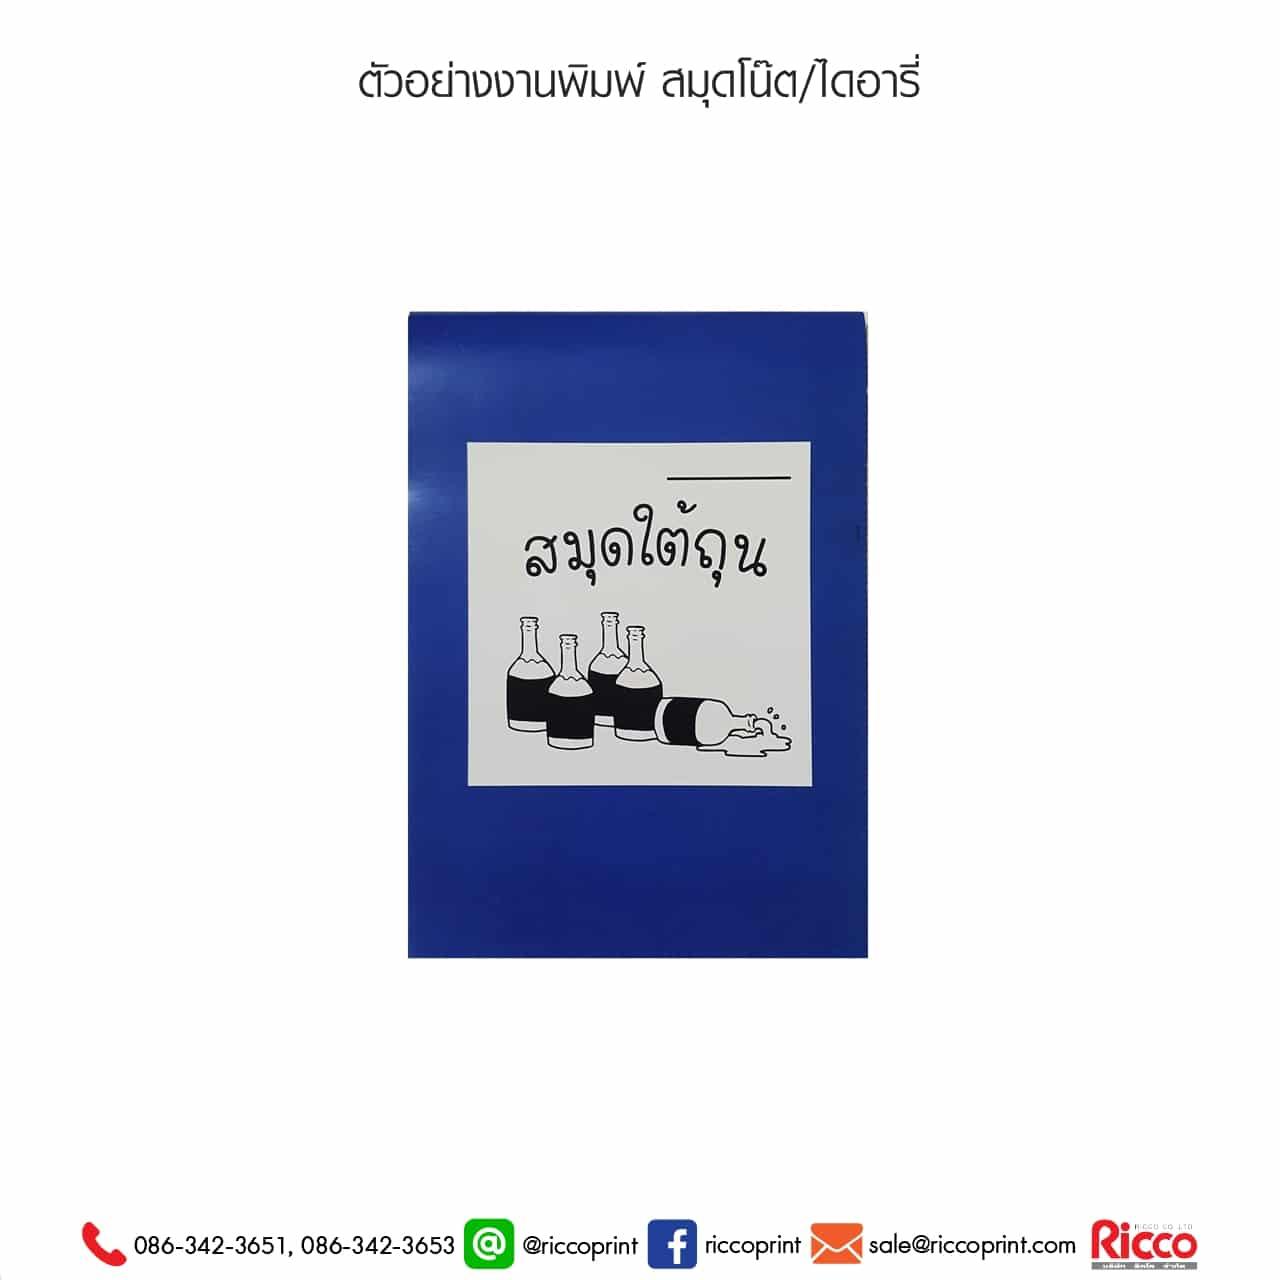 รูป Notebook Diary 25 - ประกอบเนื้อหา สมุดโน้ต ไดอารี่